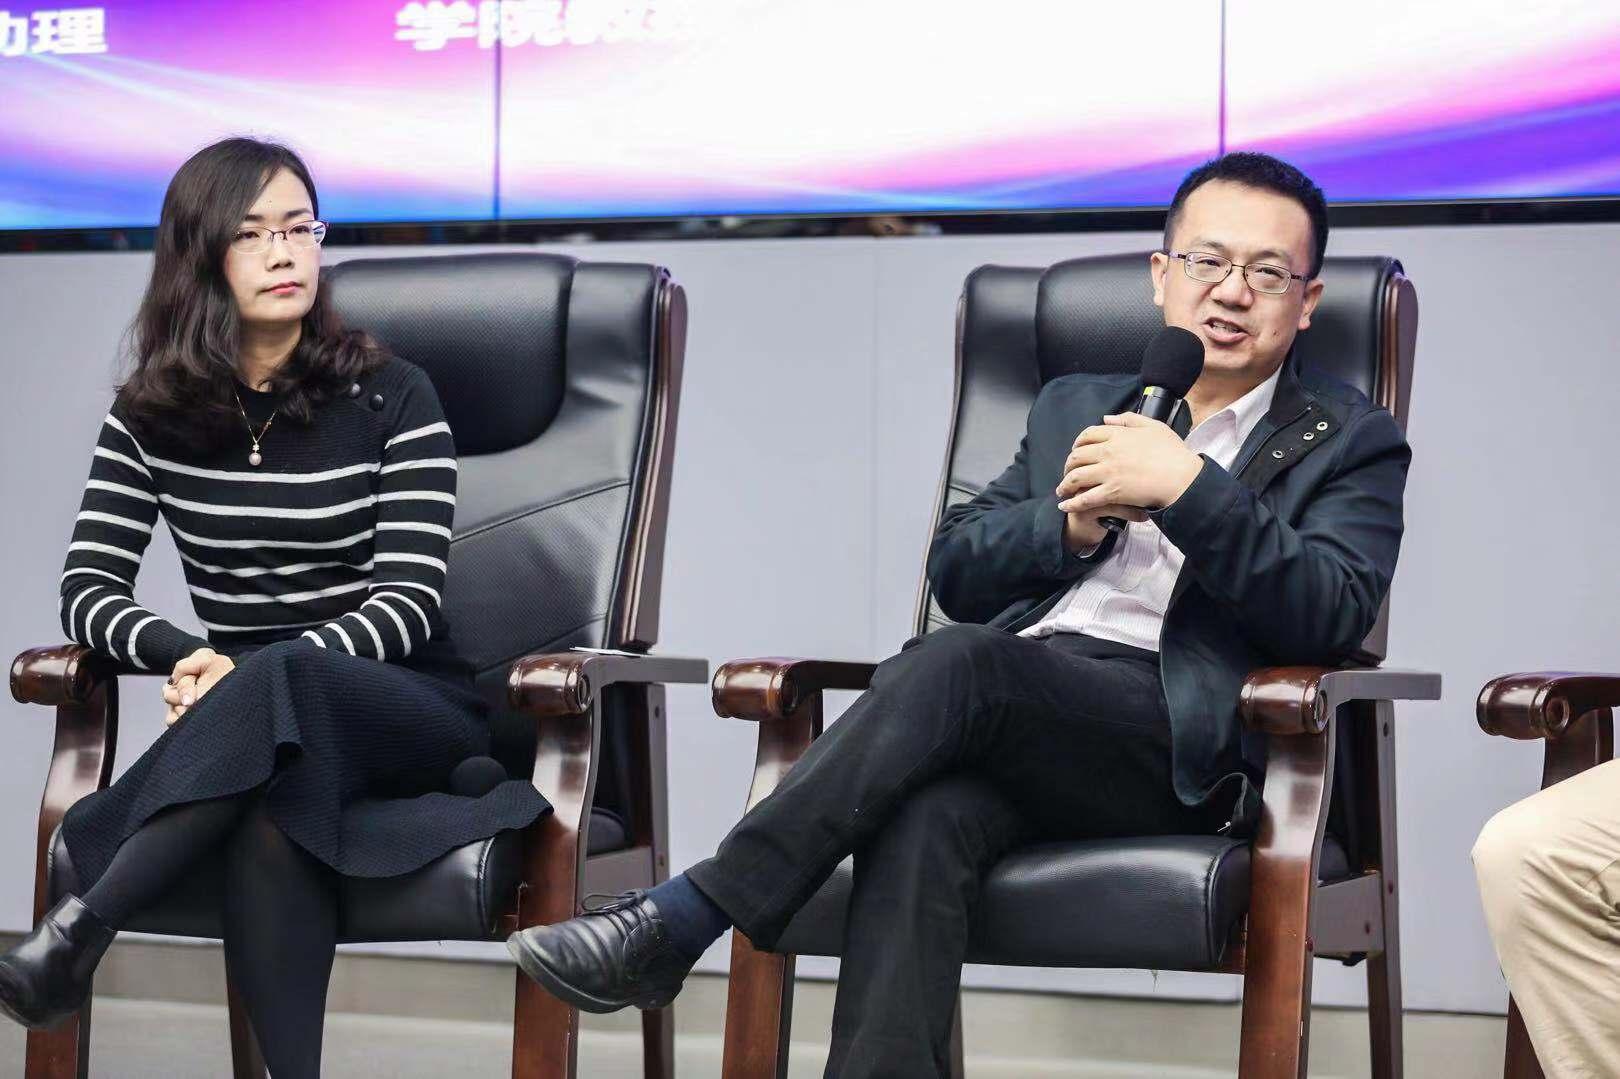 中智游集团首席架构师蒋骏应邀出席第四届智慧旅游与营销年会